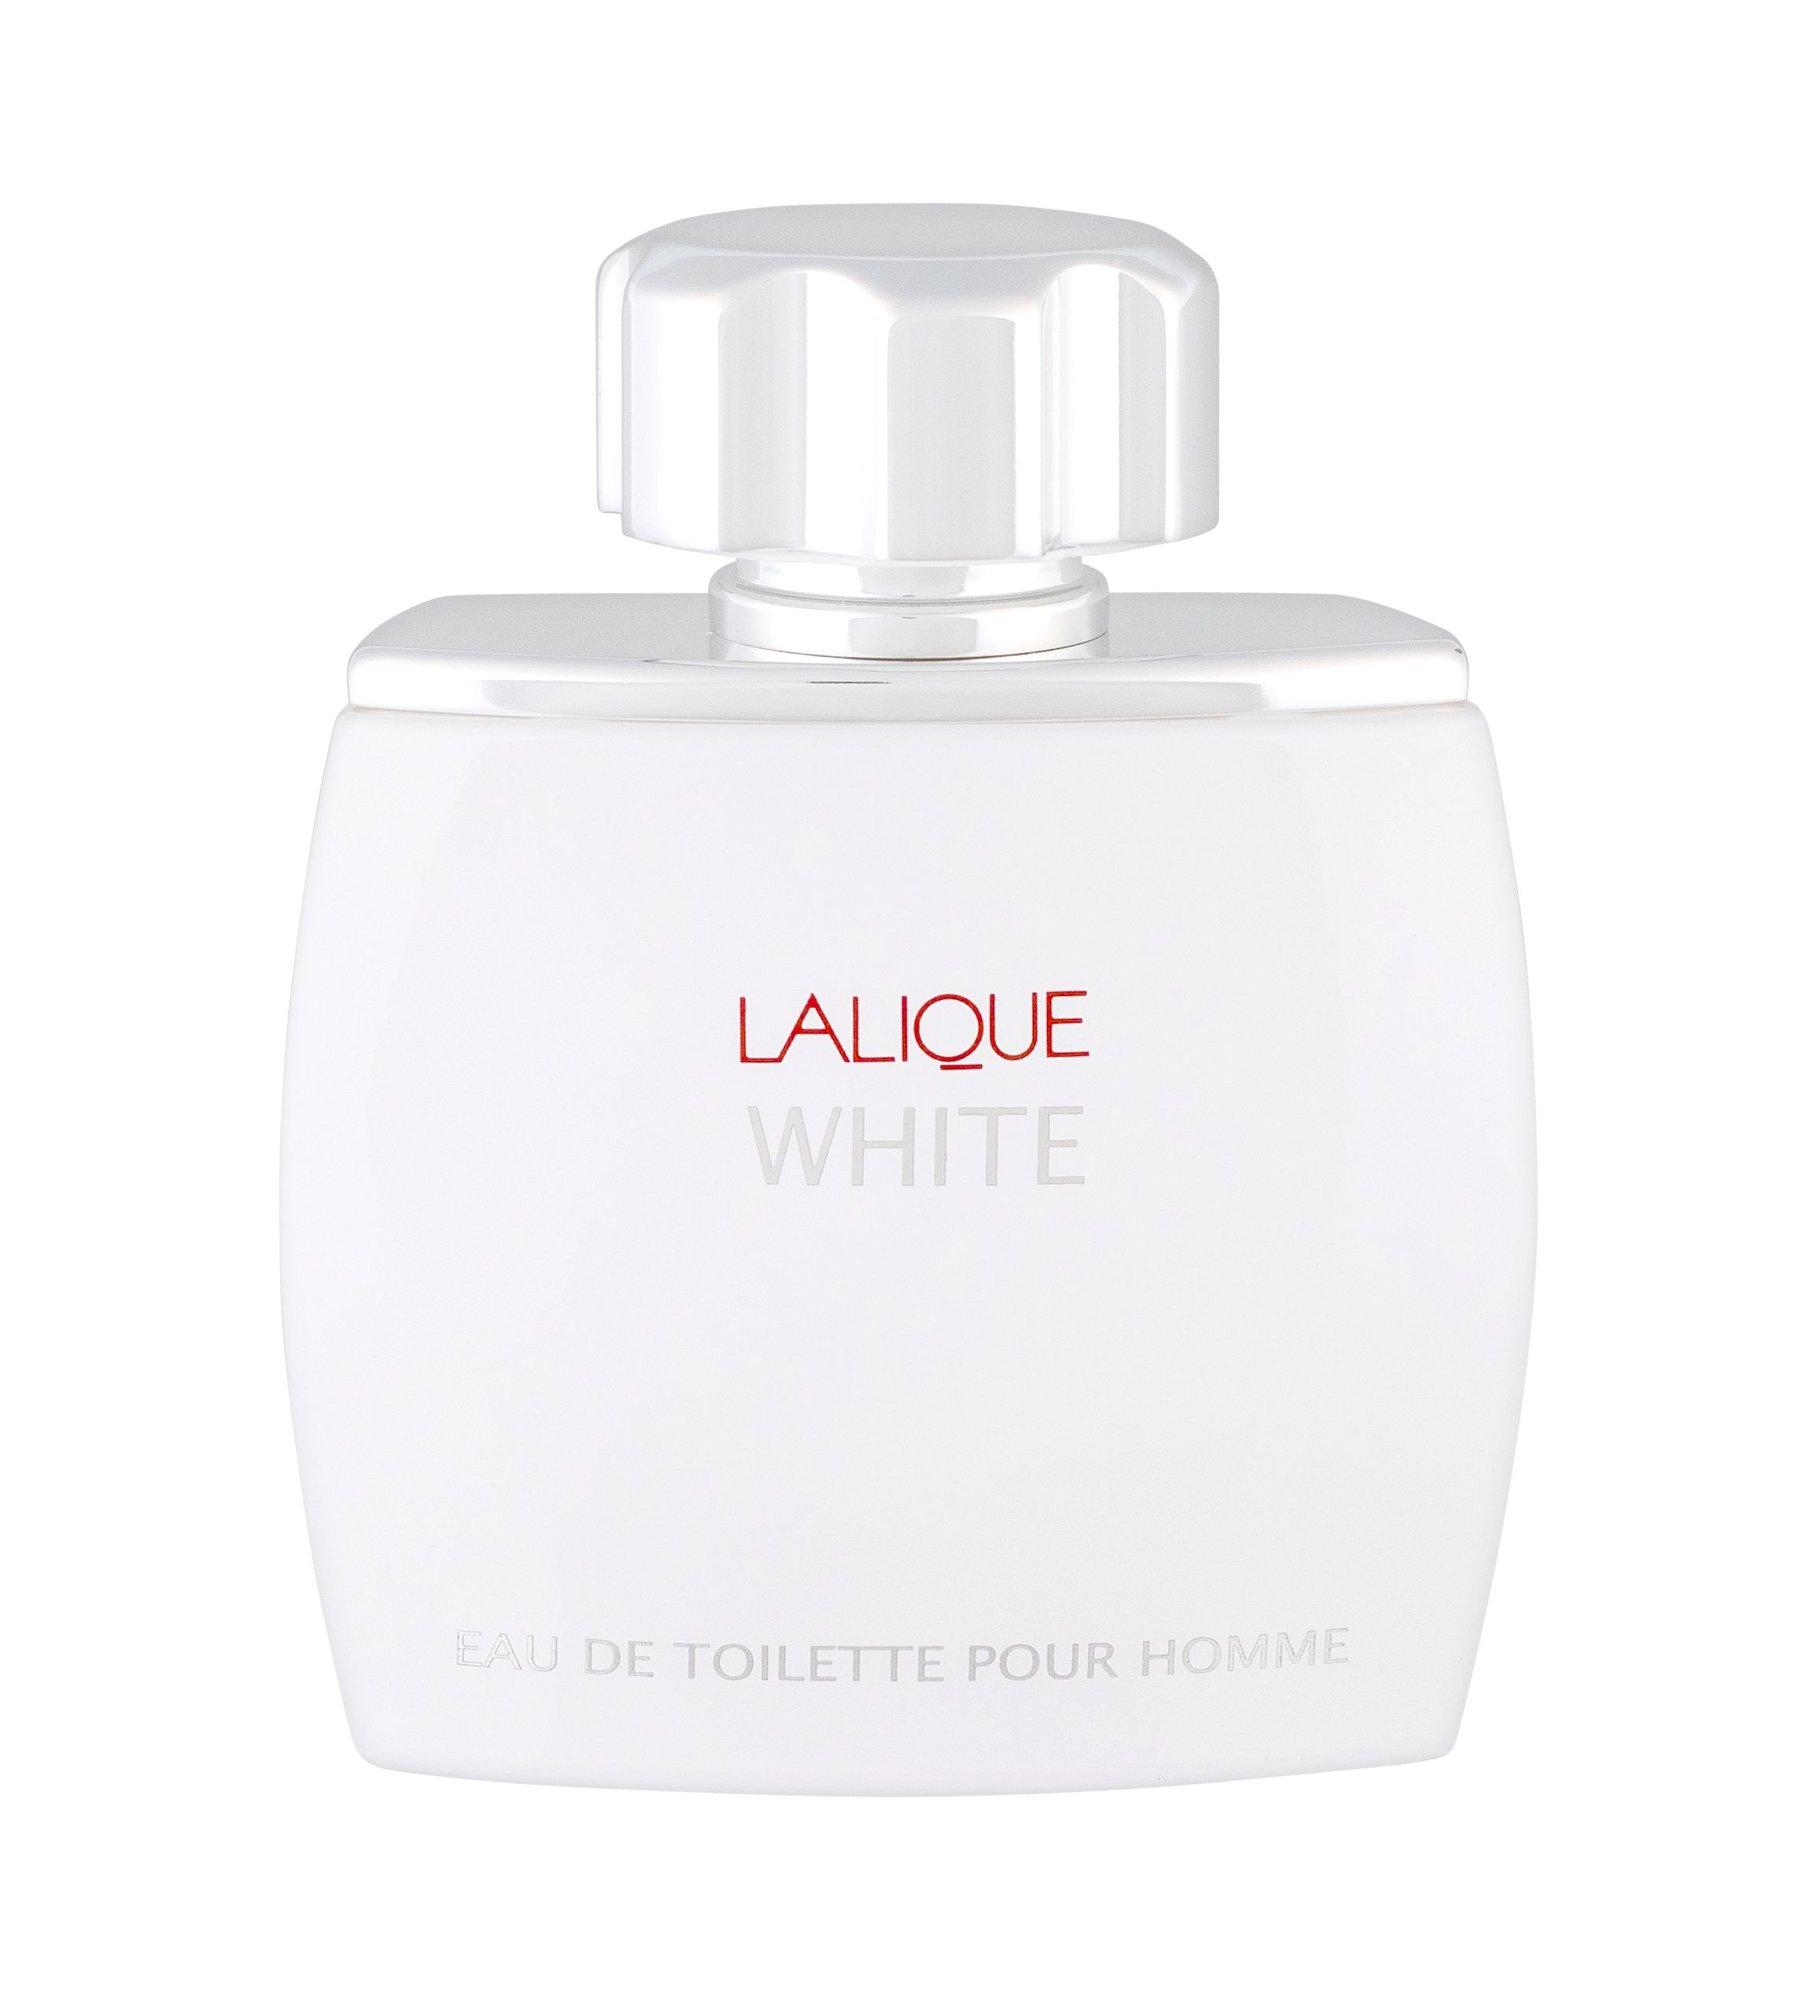 Lalique White Eau de Toilette 75ml